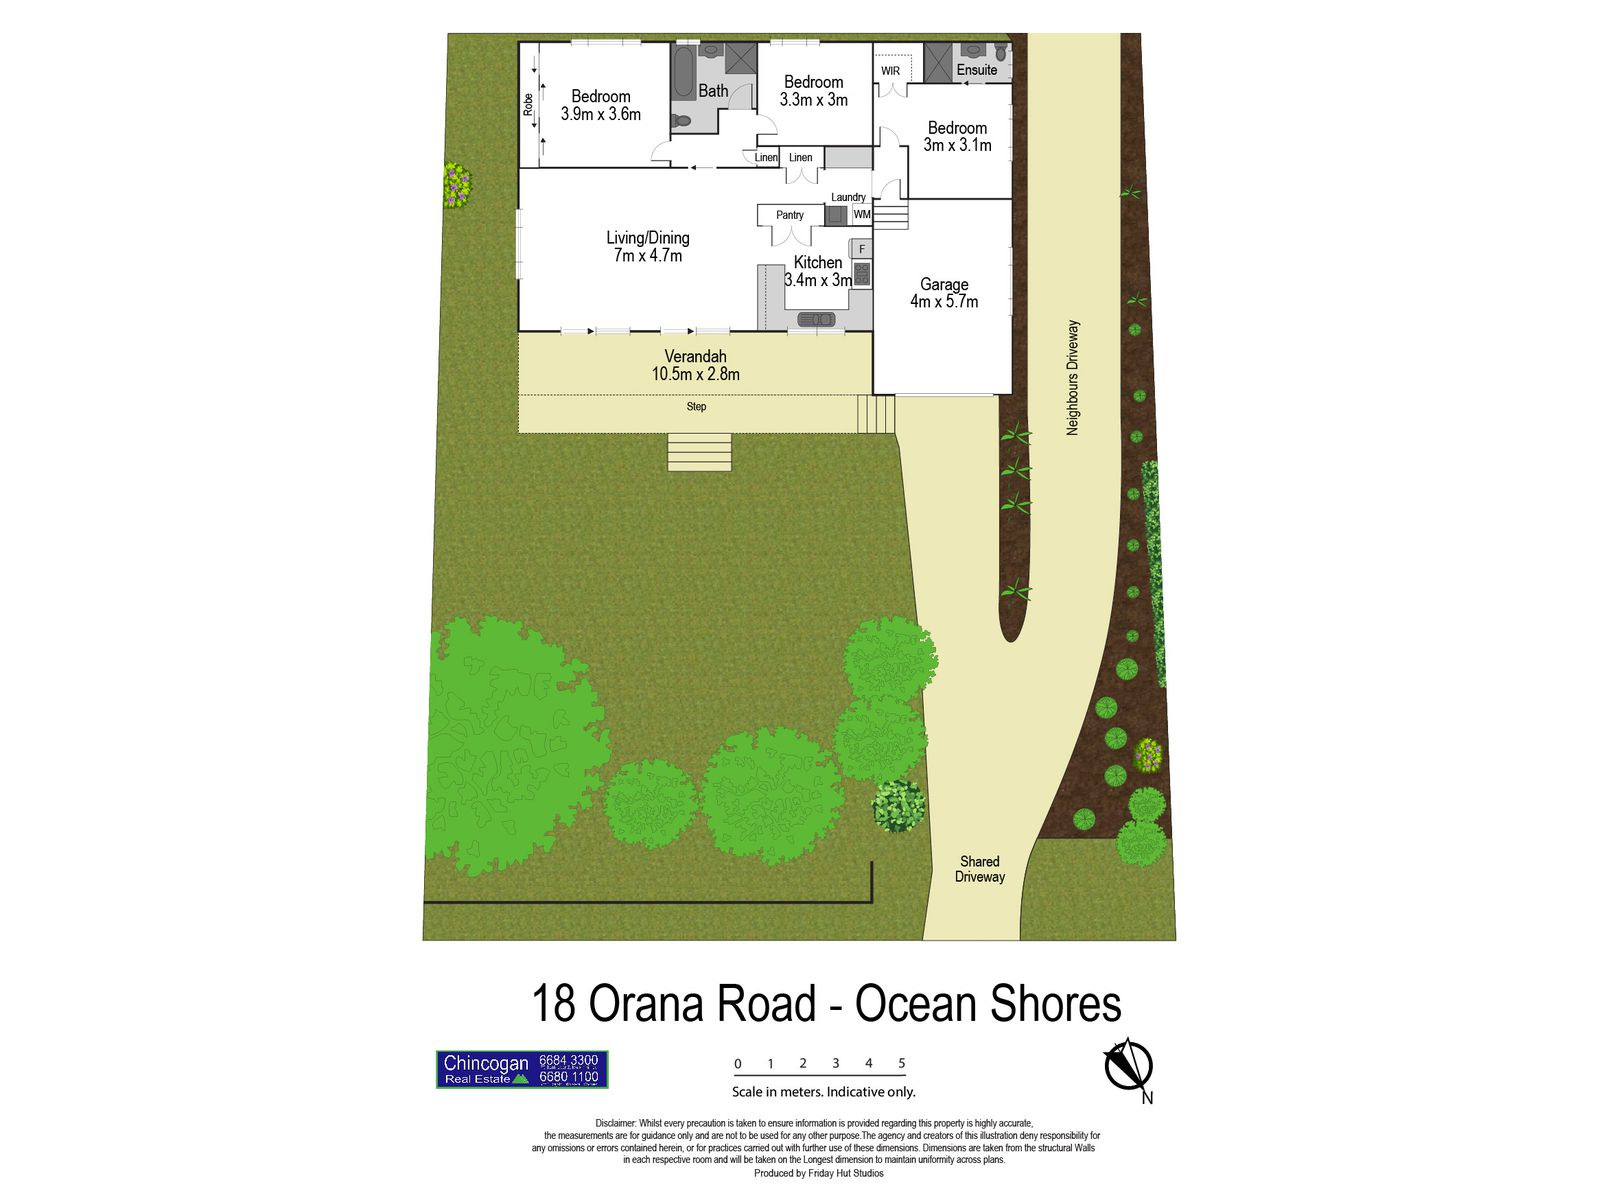 18 Orana Road, Ocean Shores